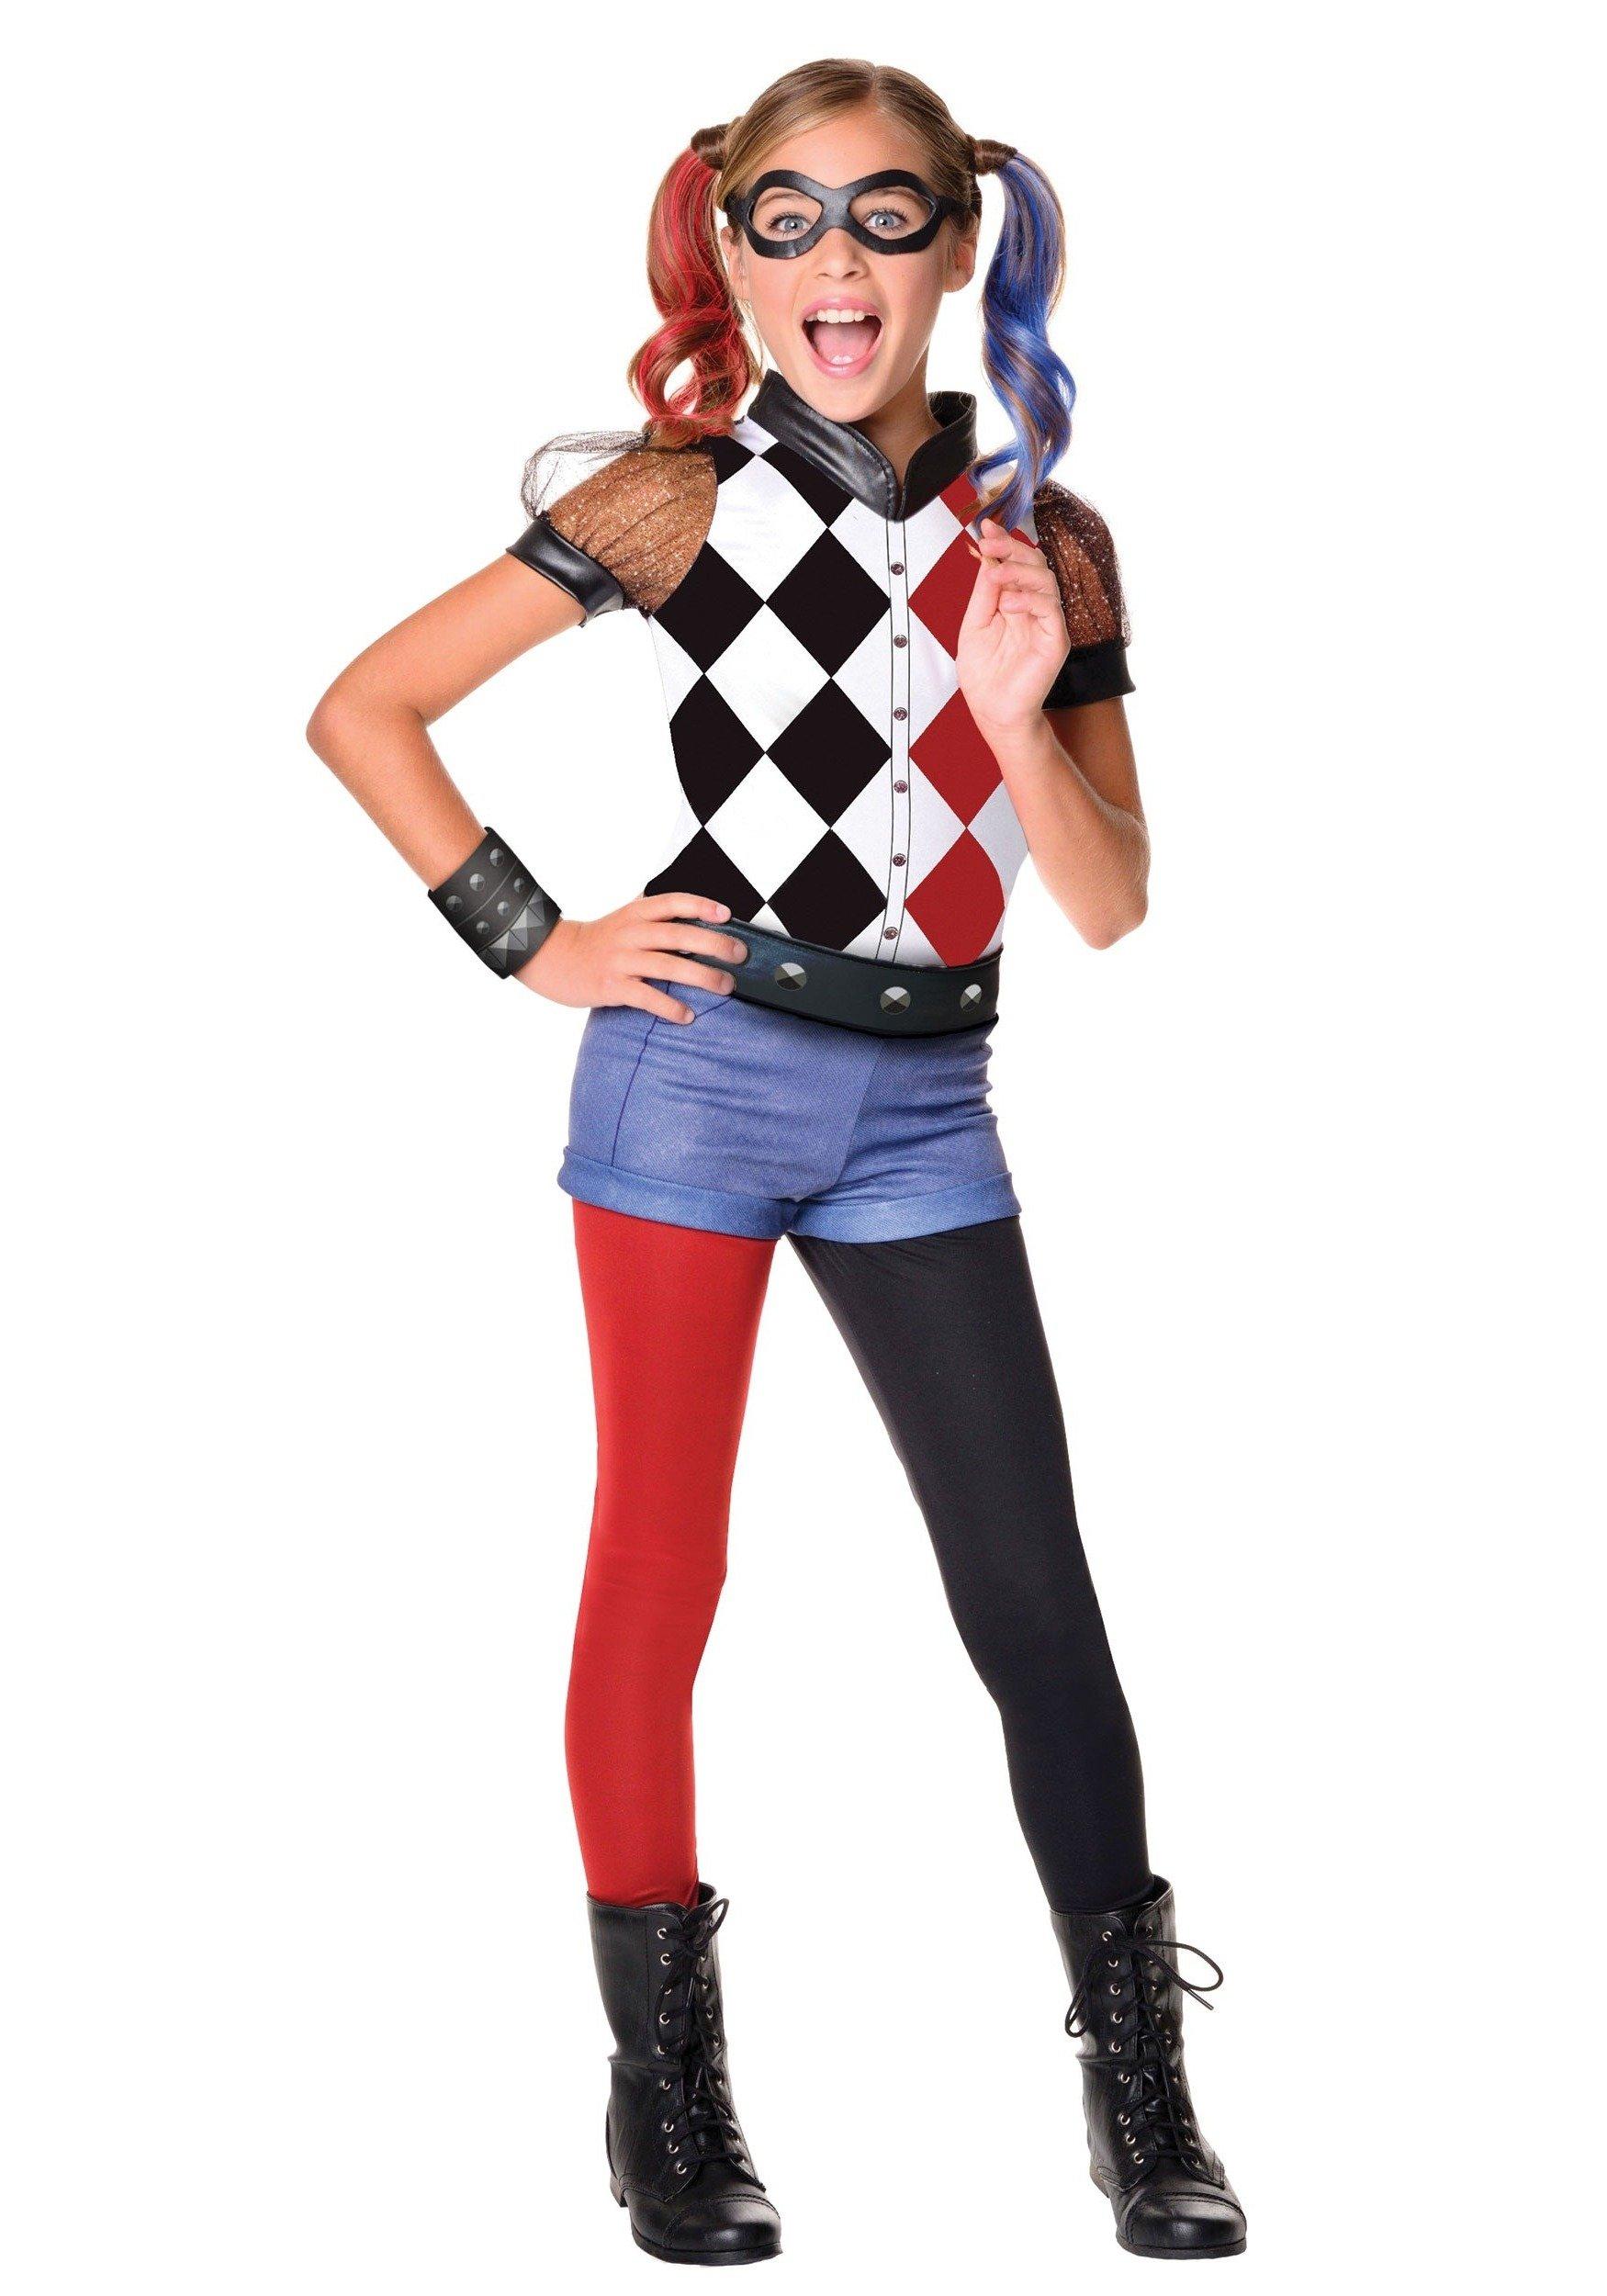 Harley Quinn Kostüm mit Strümpfen in Schwarz und Rot